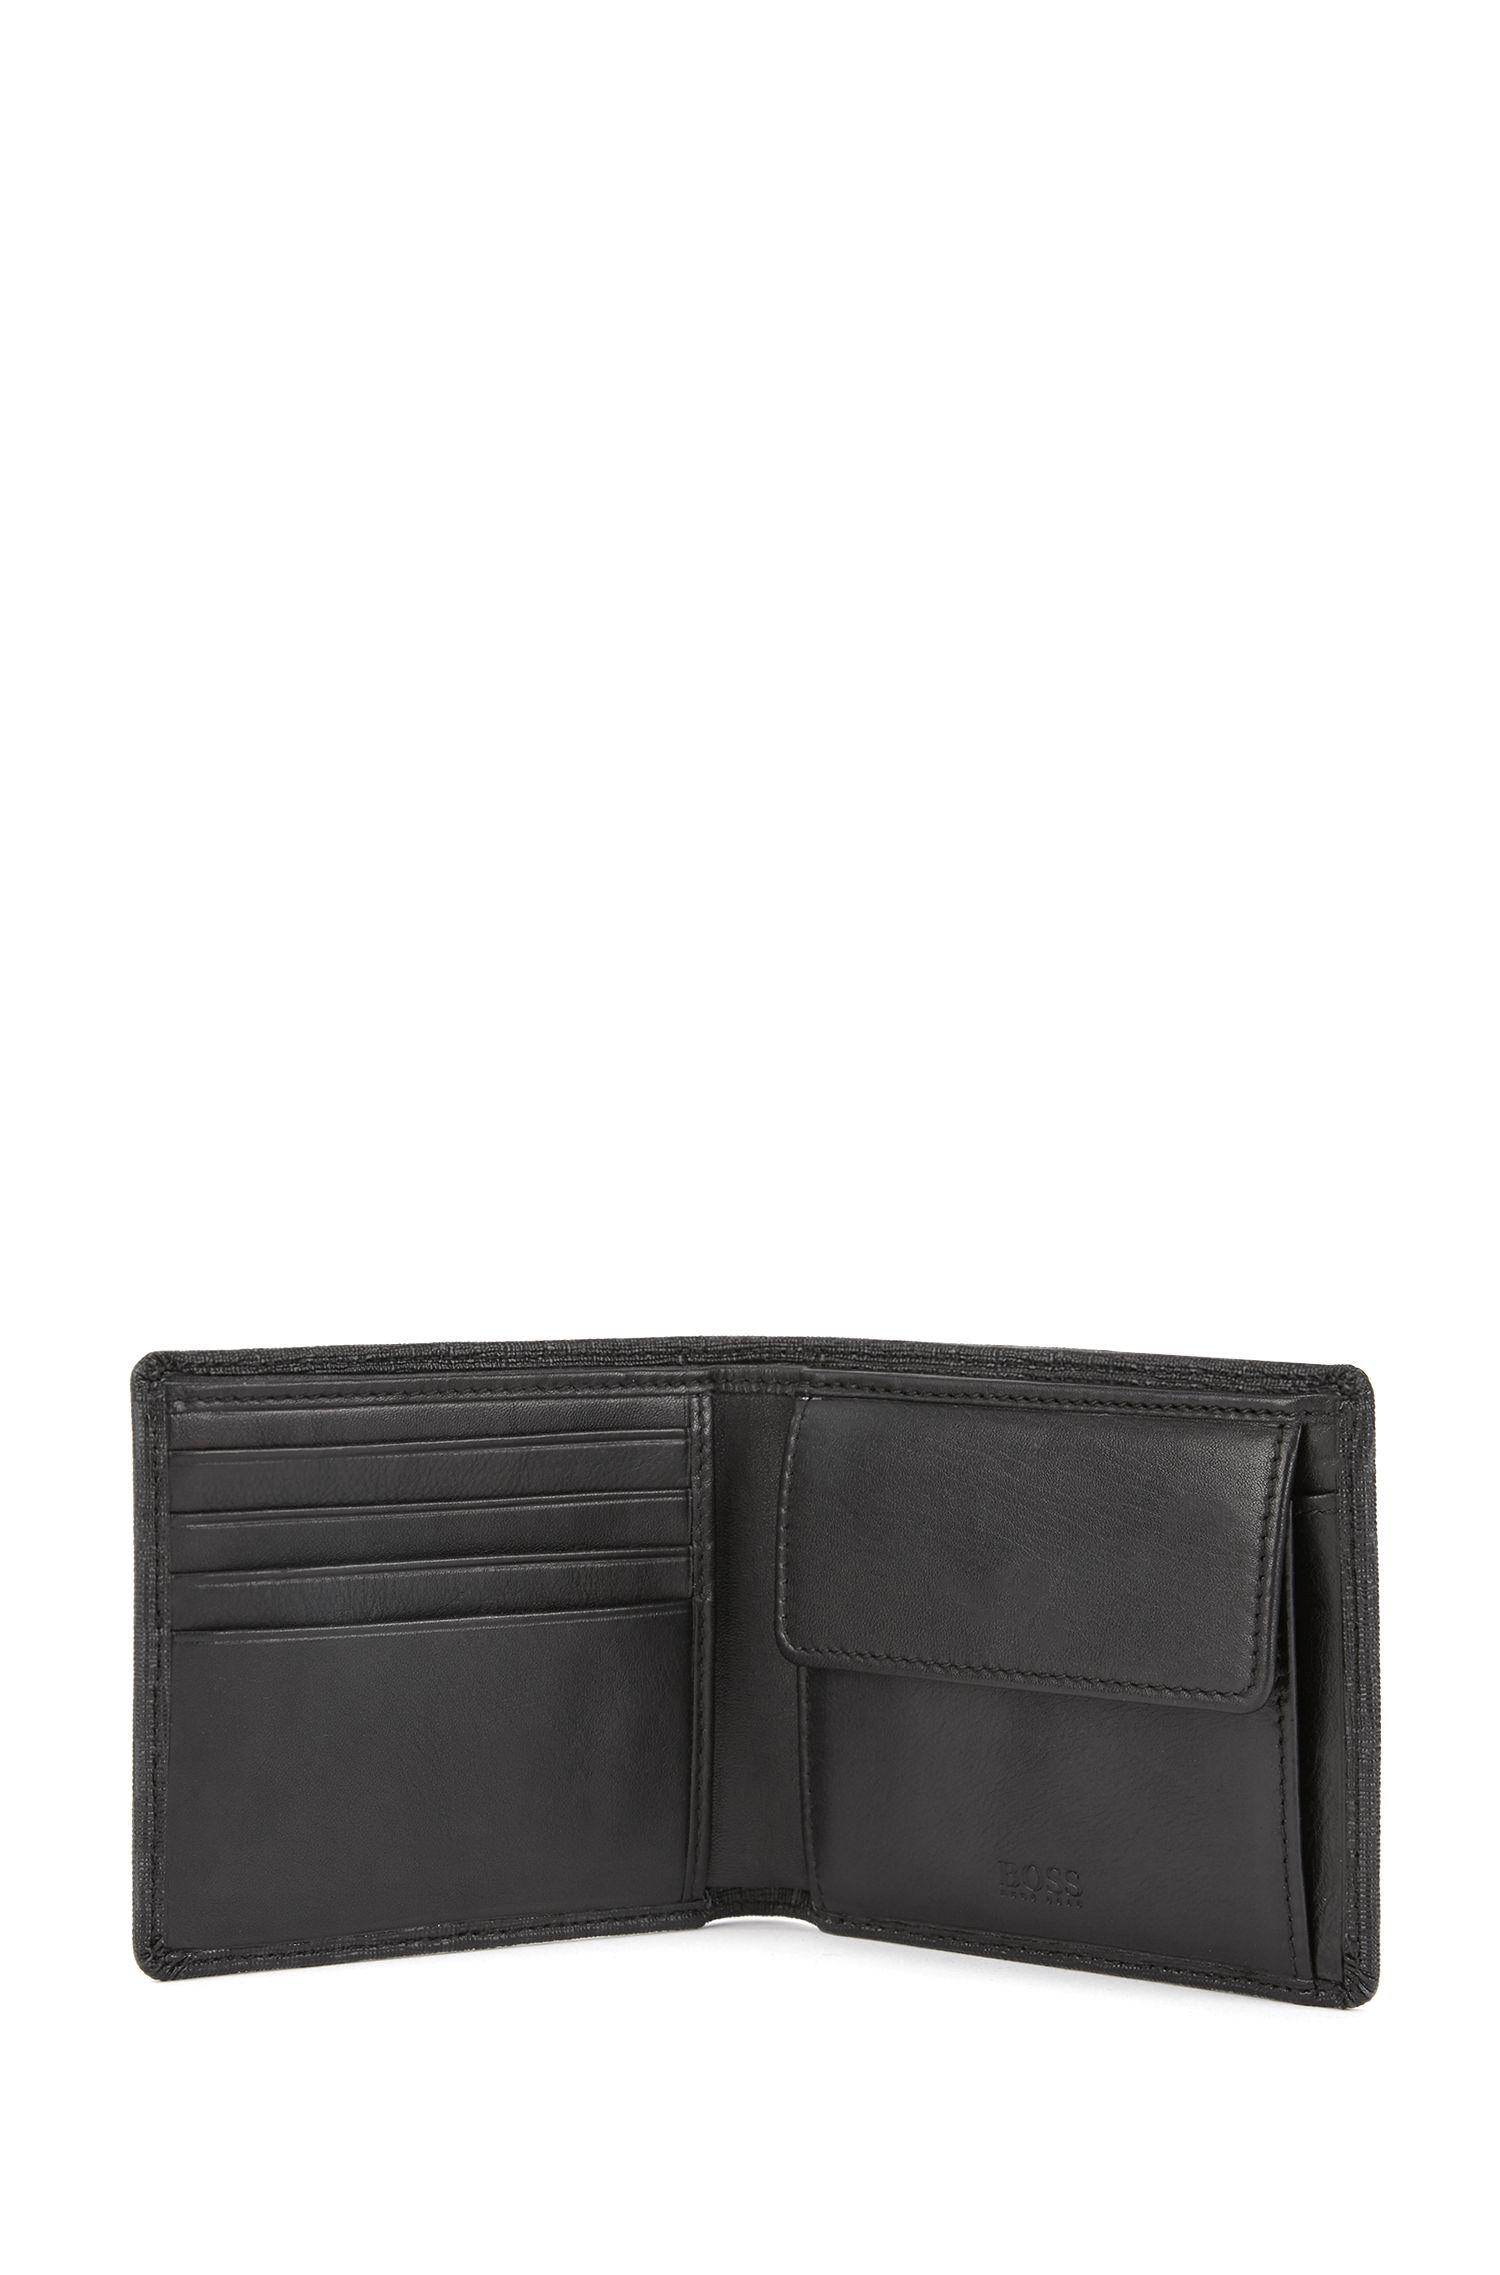 Portefeuille pliable en tissu italien imprimé , Noir